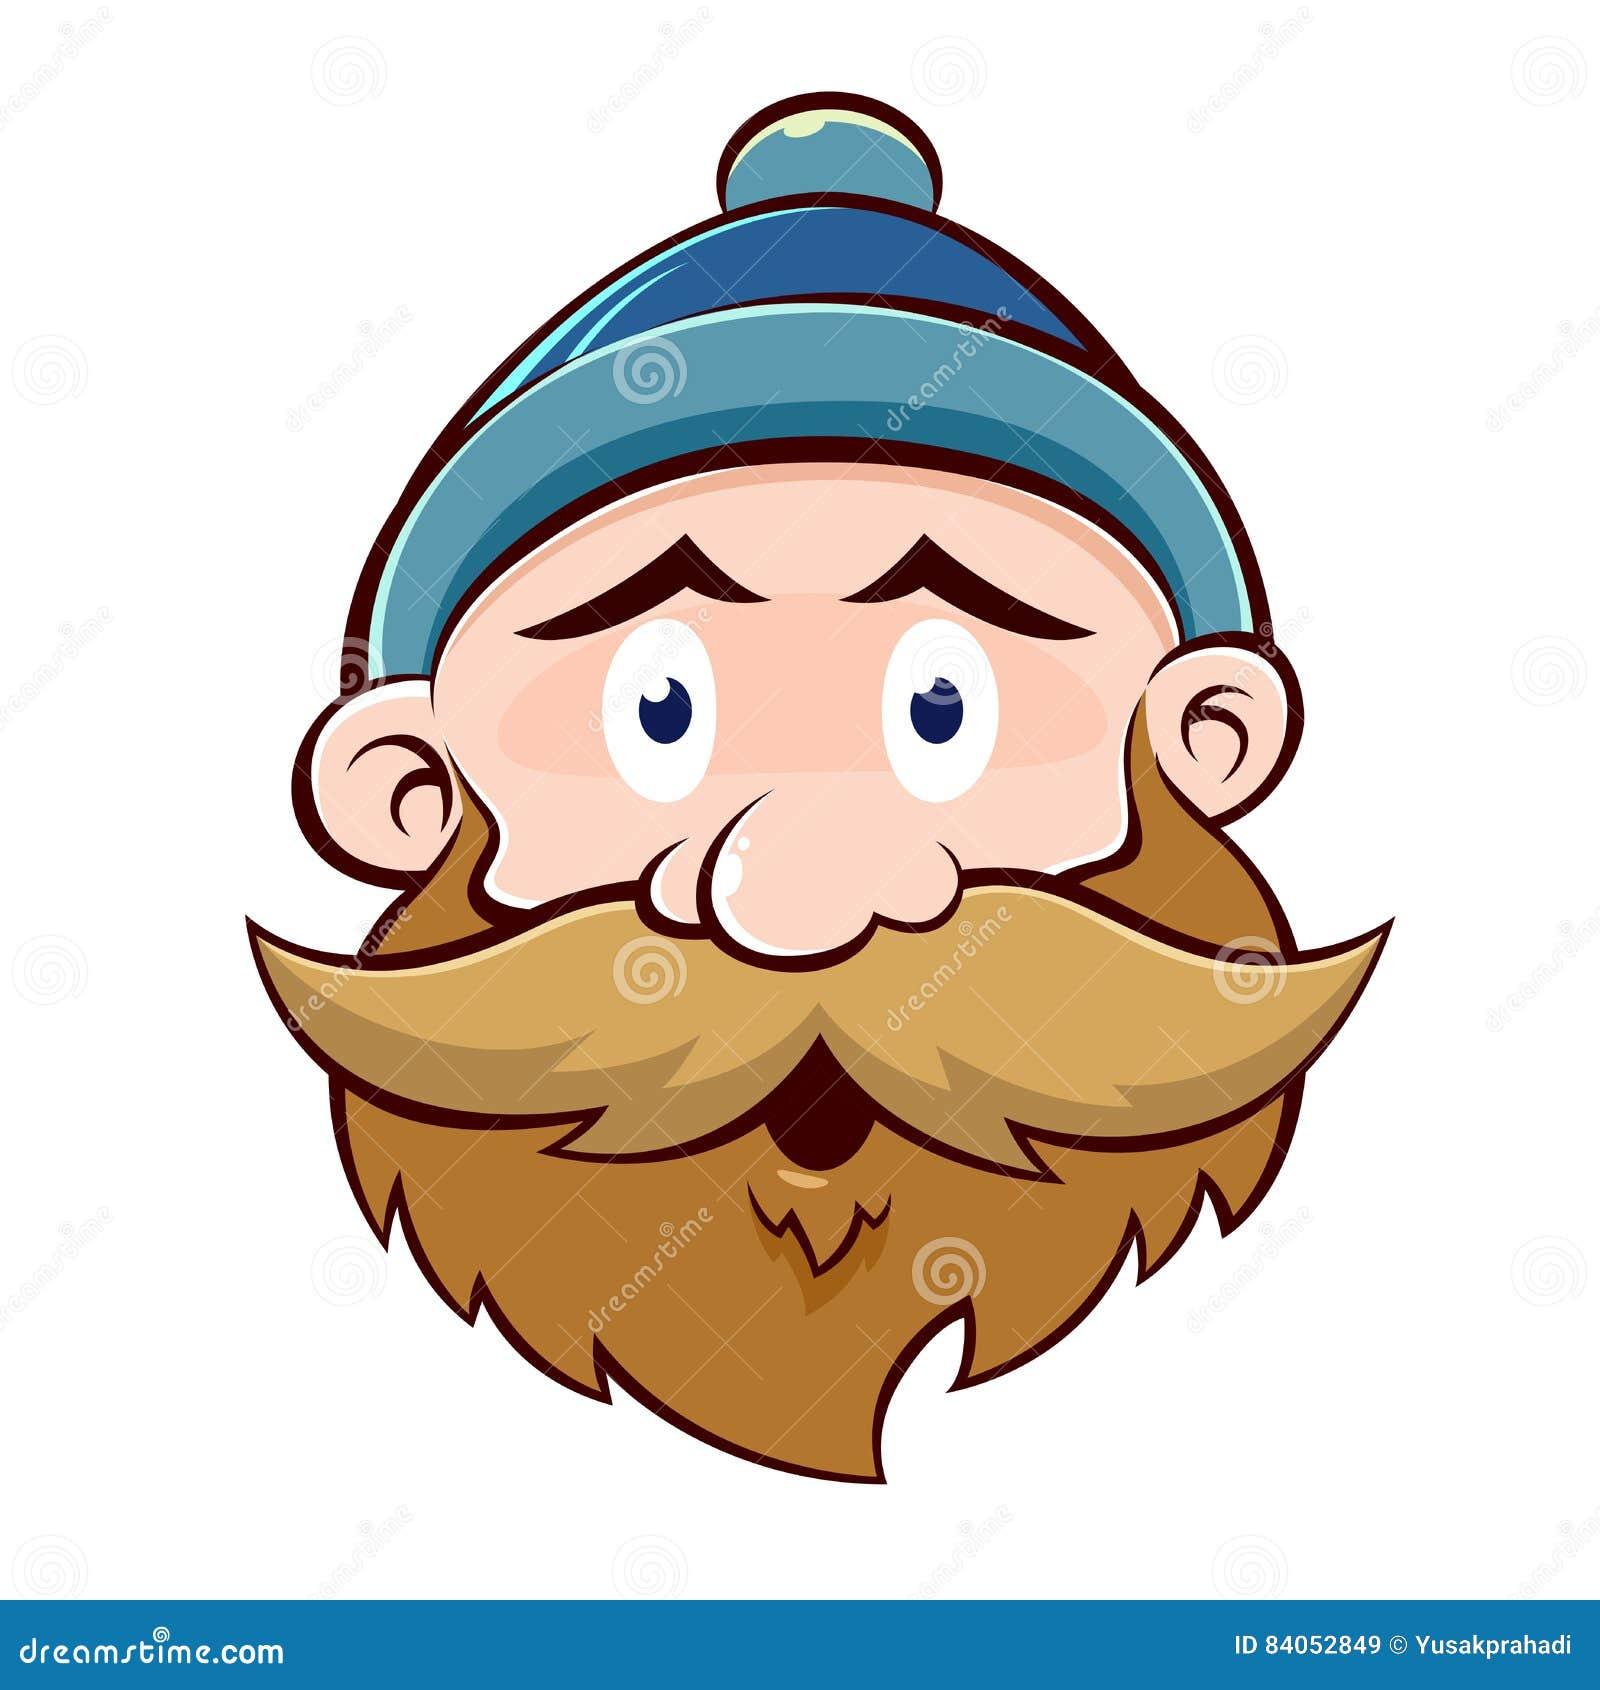 Lustiges Alter Mann Gesicht Mit Bart Und Dem Schnurrbart Vektor